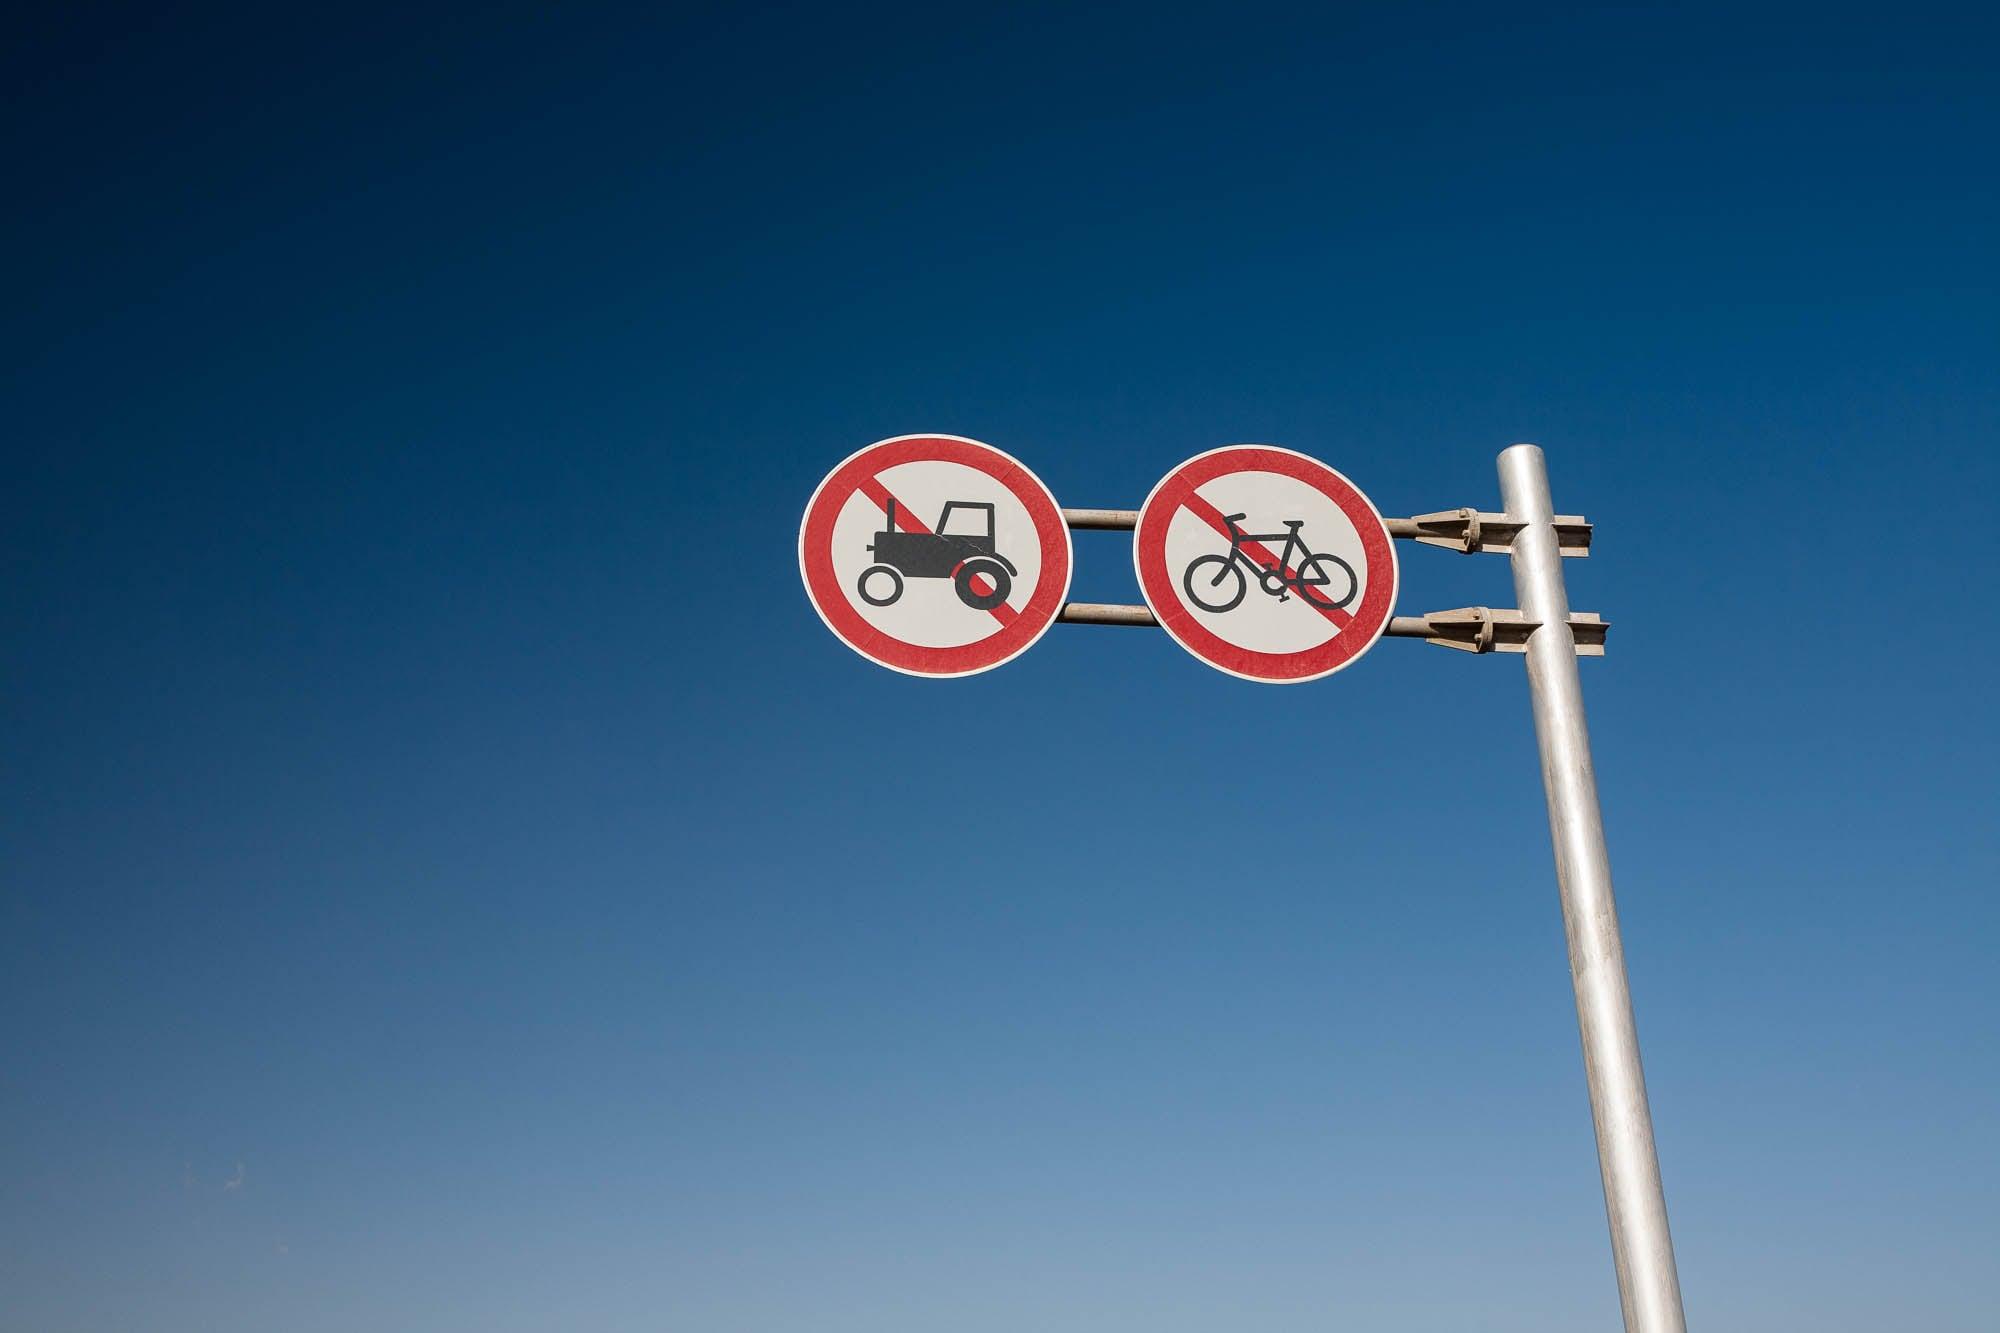 no tractors no bikes